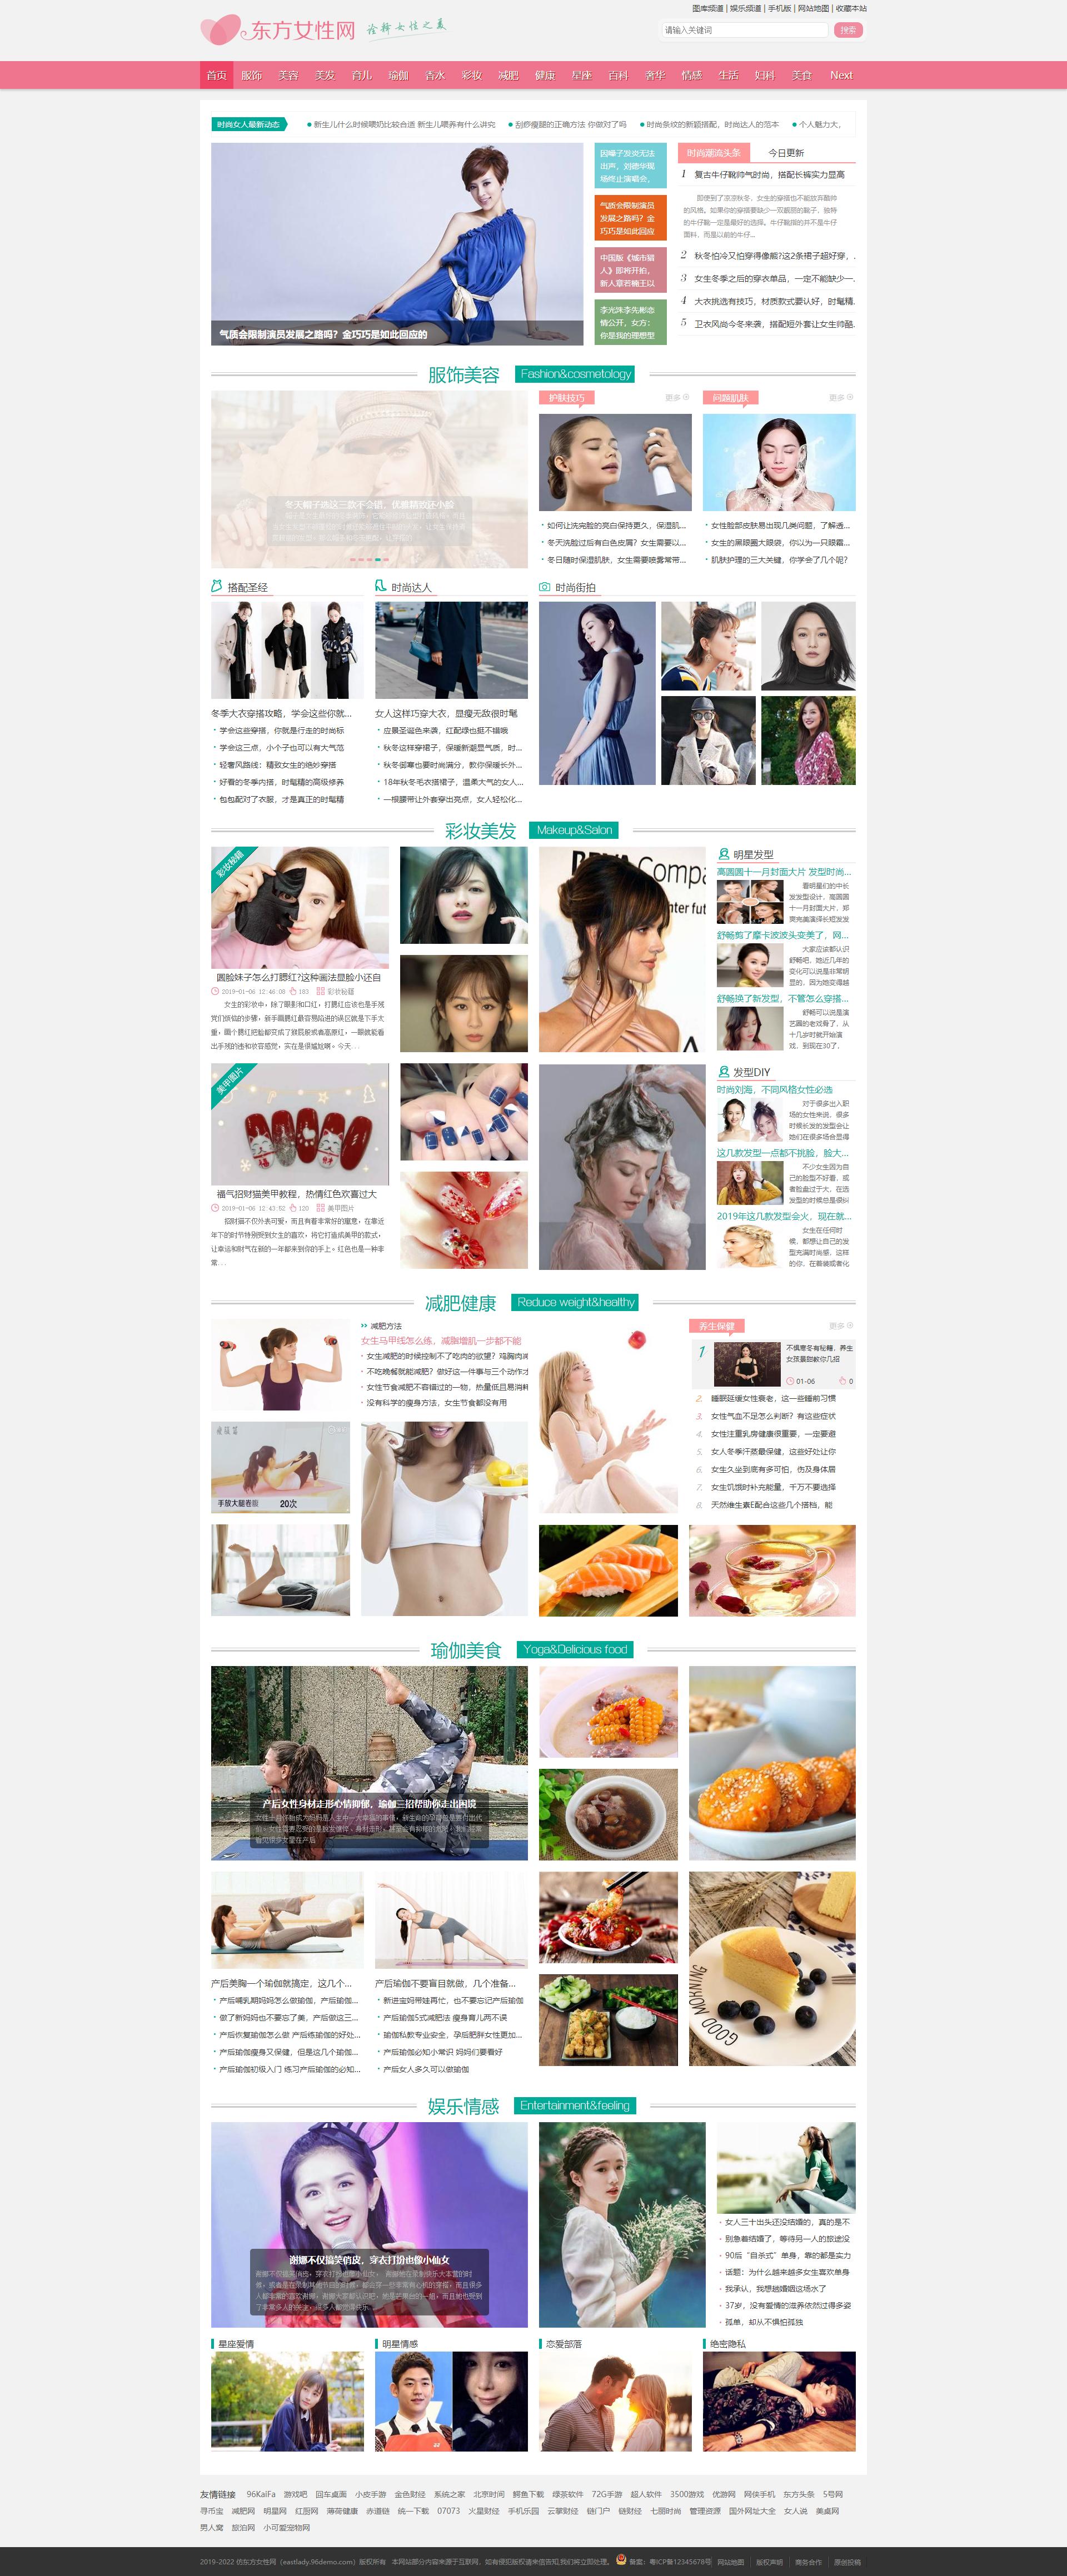 帝国CMS仿《东方女性网》源码女人时尚资讯网站模板插图(1)